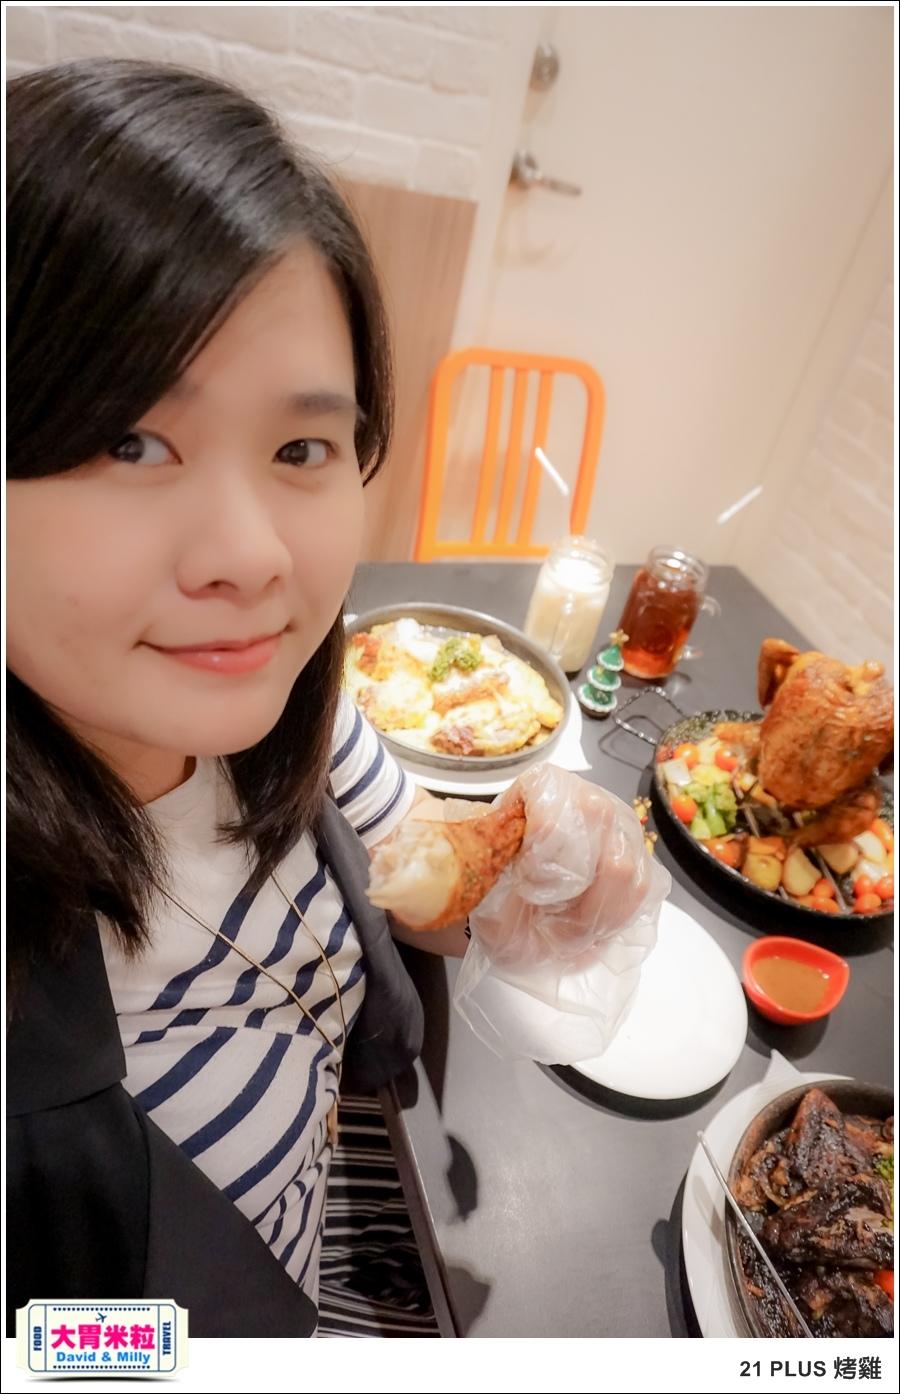 台北烤雞推薦@統一時代百貨 21 PULS烤雞@大胃米粒0023.jpg